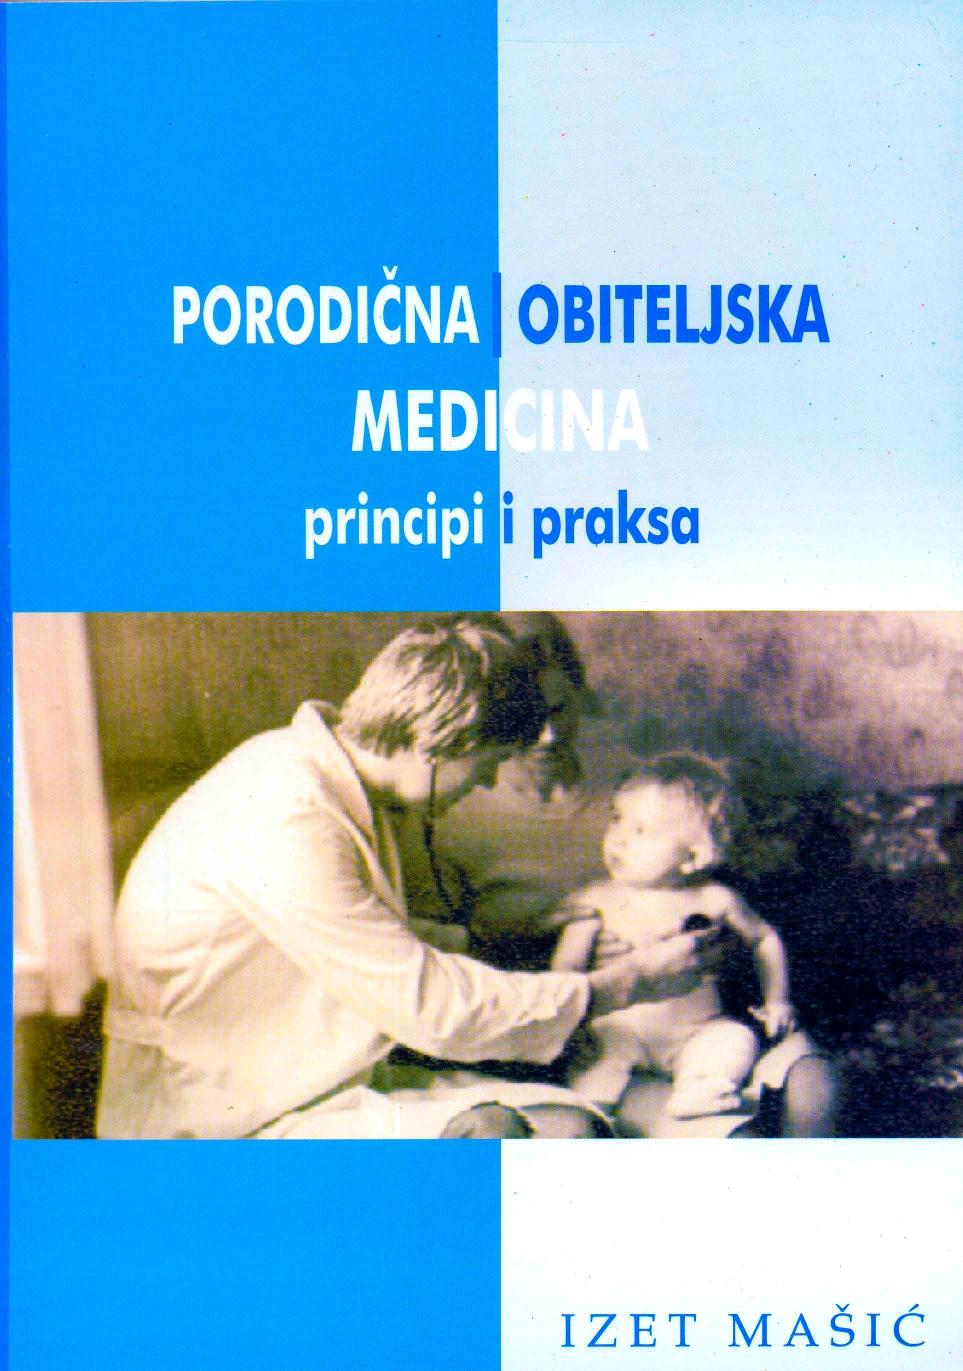 Porodicna/Obiteljska medicina . Principi i praksa.